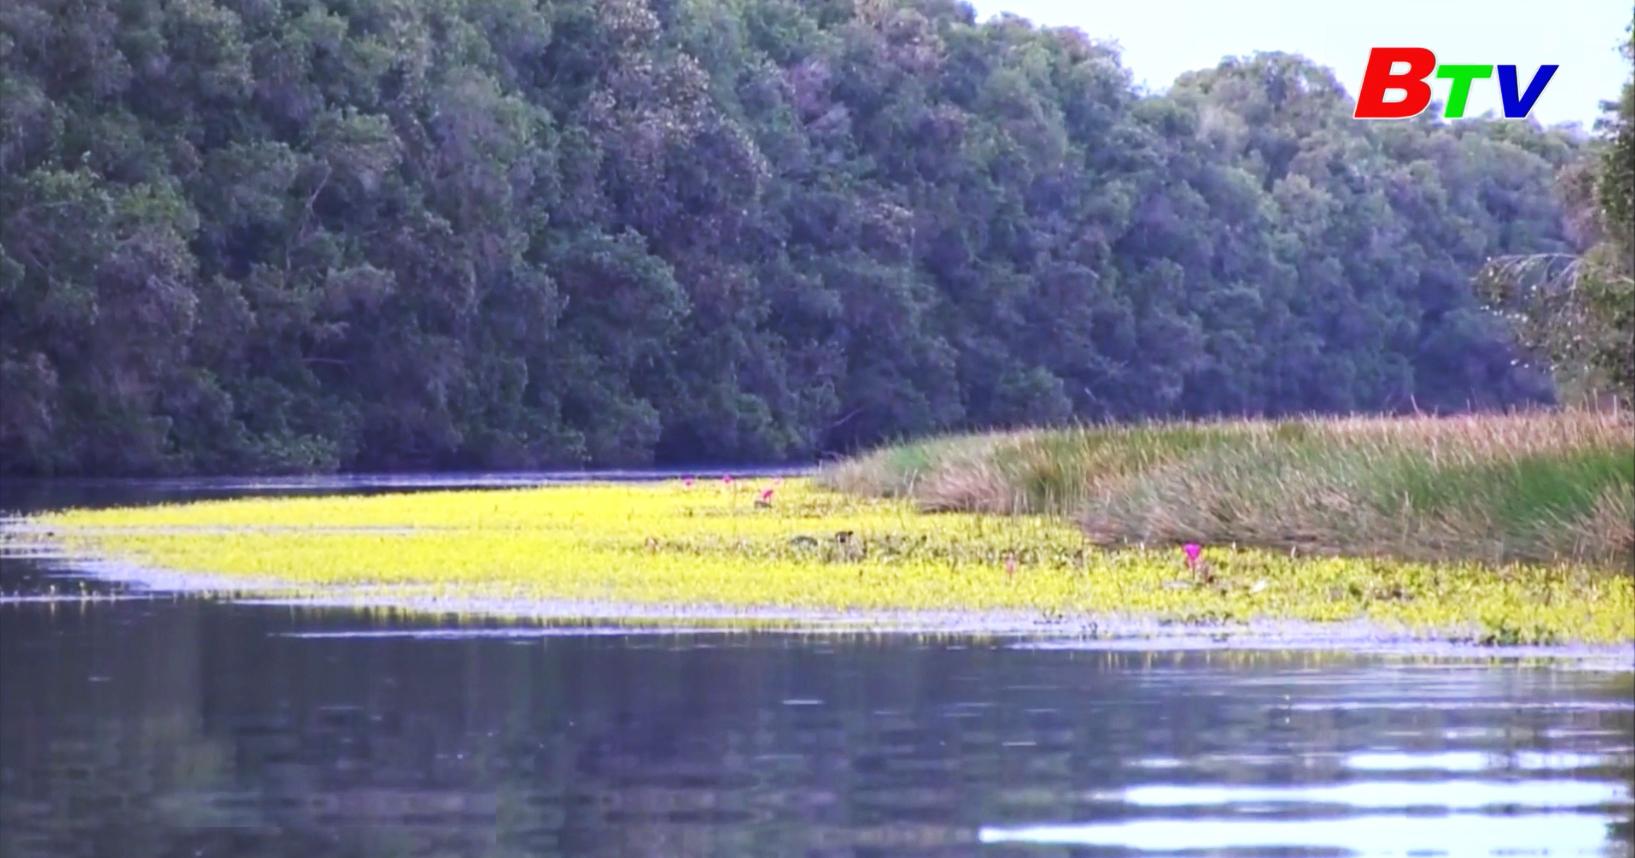 Hoa nhĩ cán vàng nở rộ ở Vườn Quốc gia Tràm Chim